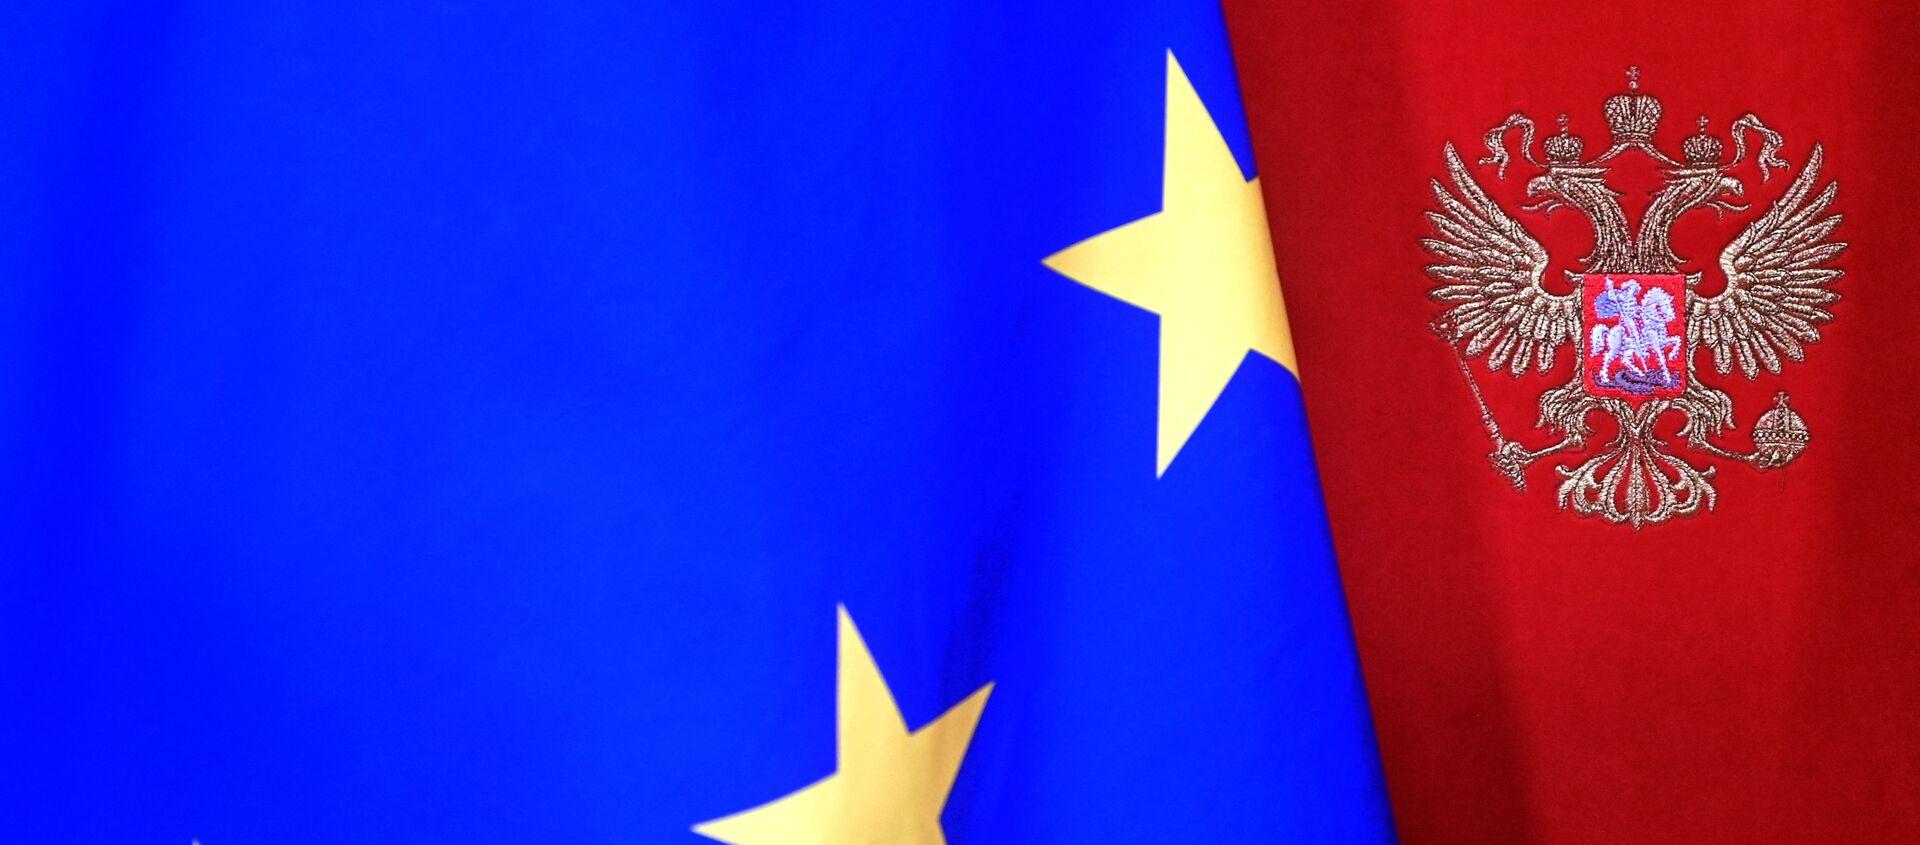 Una bandera de la UE con el escudo de Rusia - Sputnik Mundo, 1920, 10.02.2021